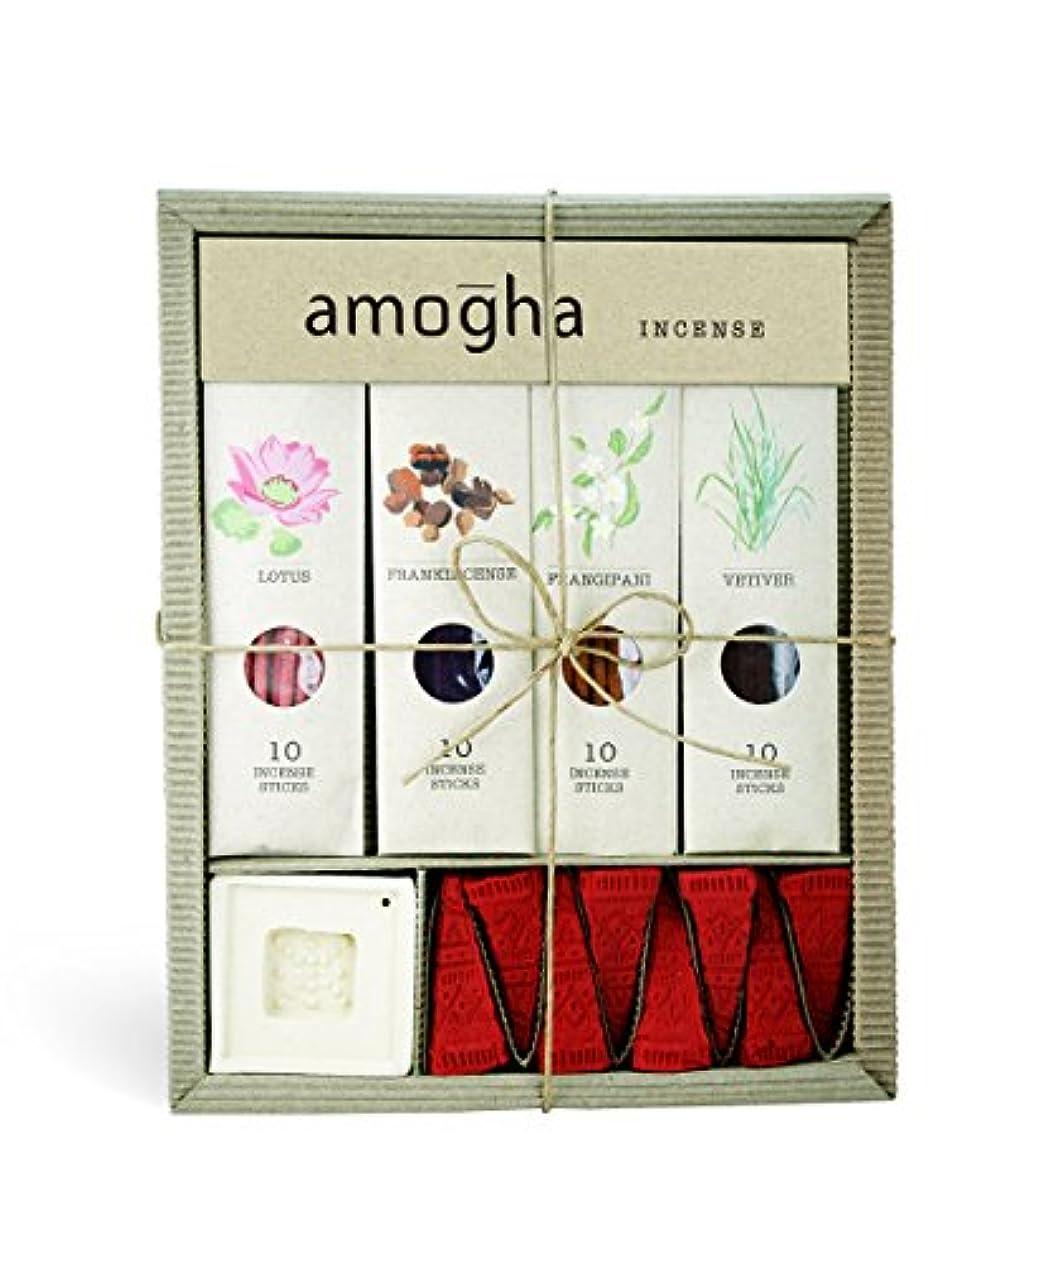 テープ高める有効化Iris Amogha Incense with 10 Sticks - Lotus, Frankincense, Frangipani & Vetiver Gift Set